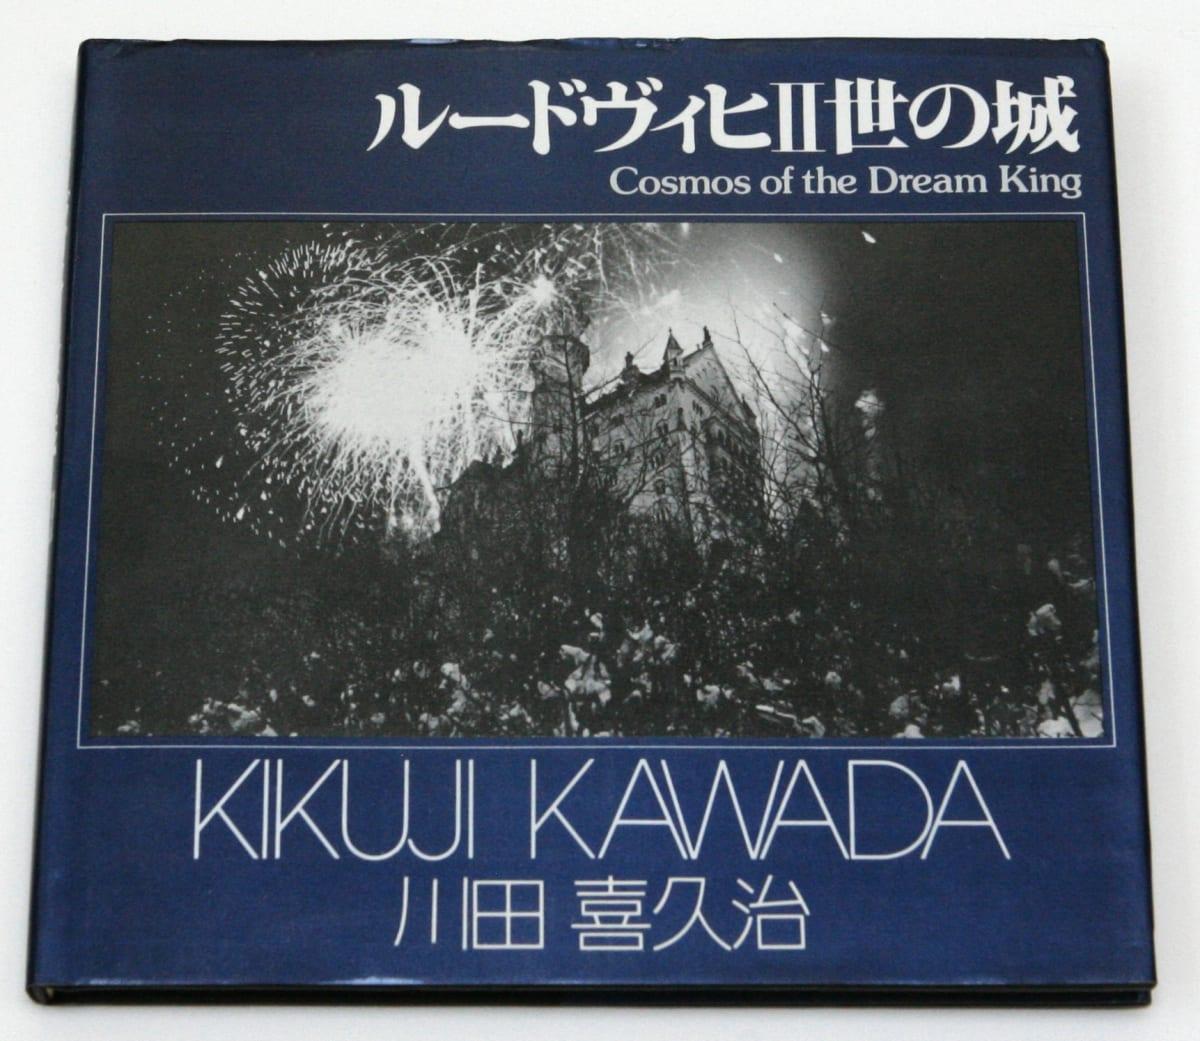 Cosmos of the Dream King - Kikuji Kawada